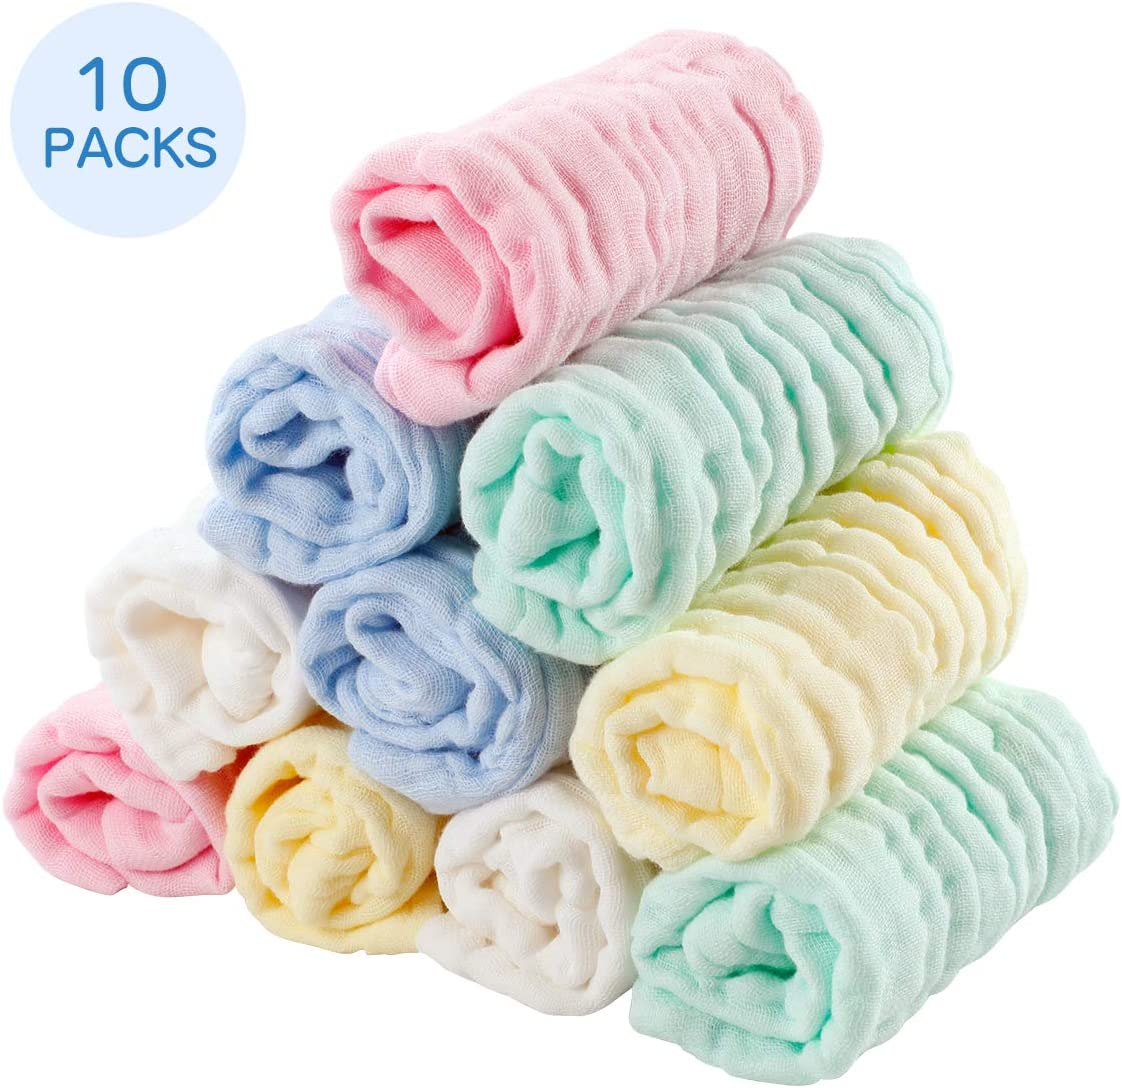 EXTSUD 10PCS Toallitas de Muselina para Bebés Toallas Suaves para ...